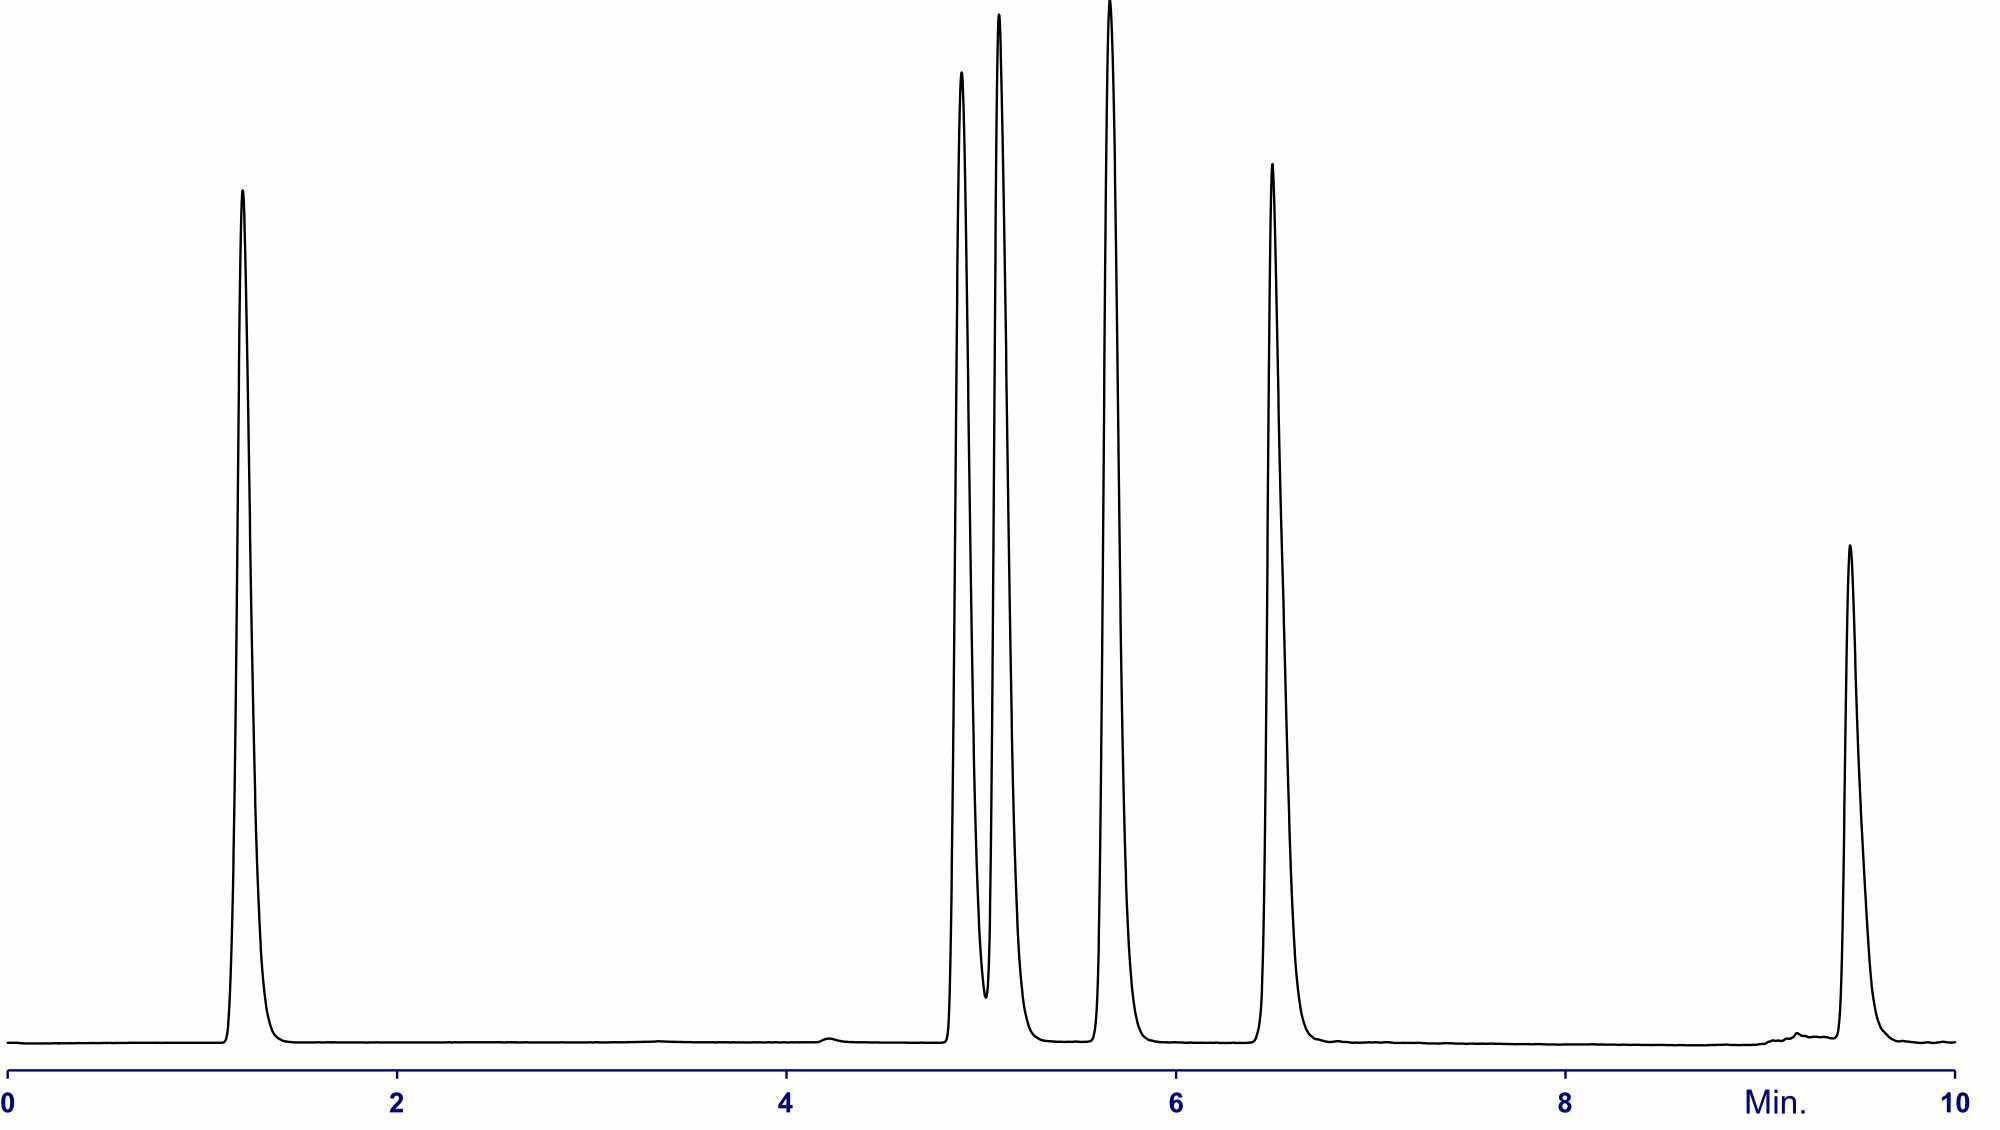 1301 Lipids mix 6 Chrom